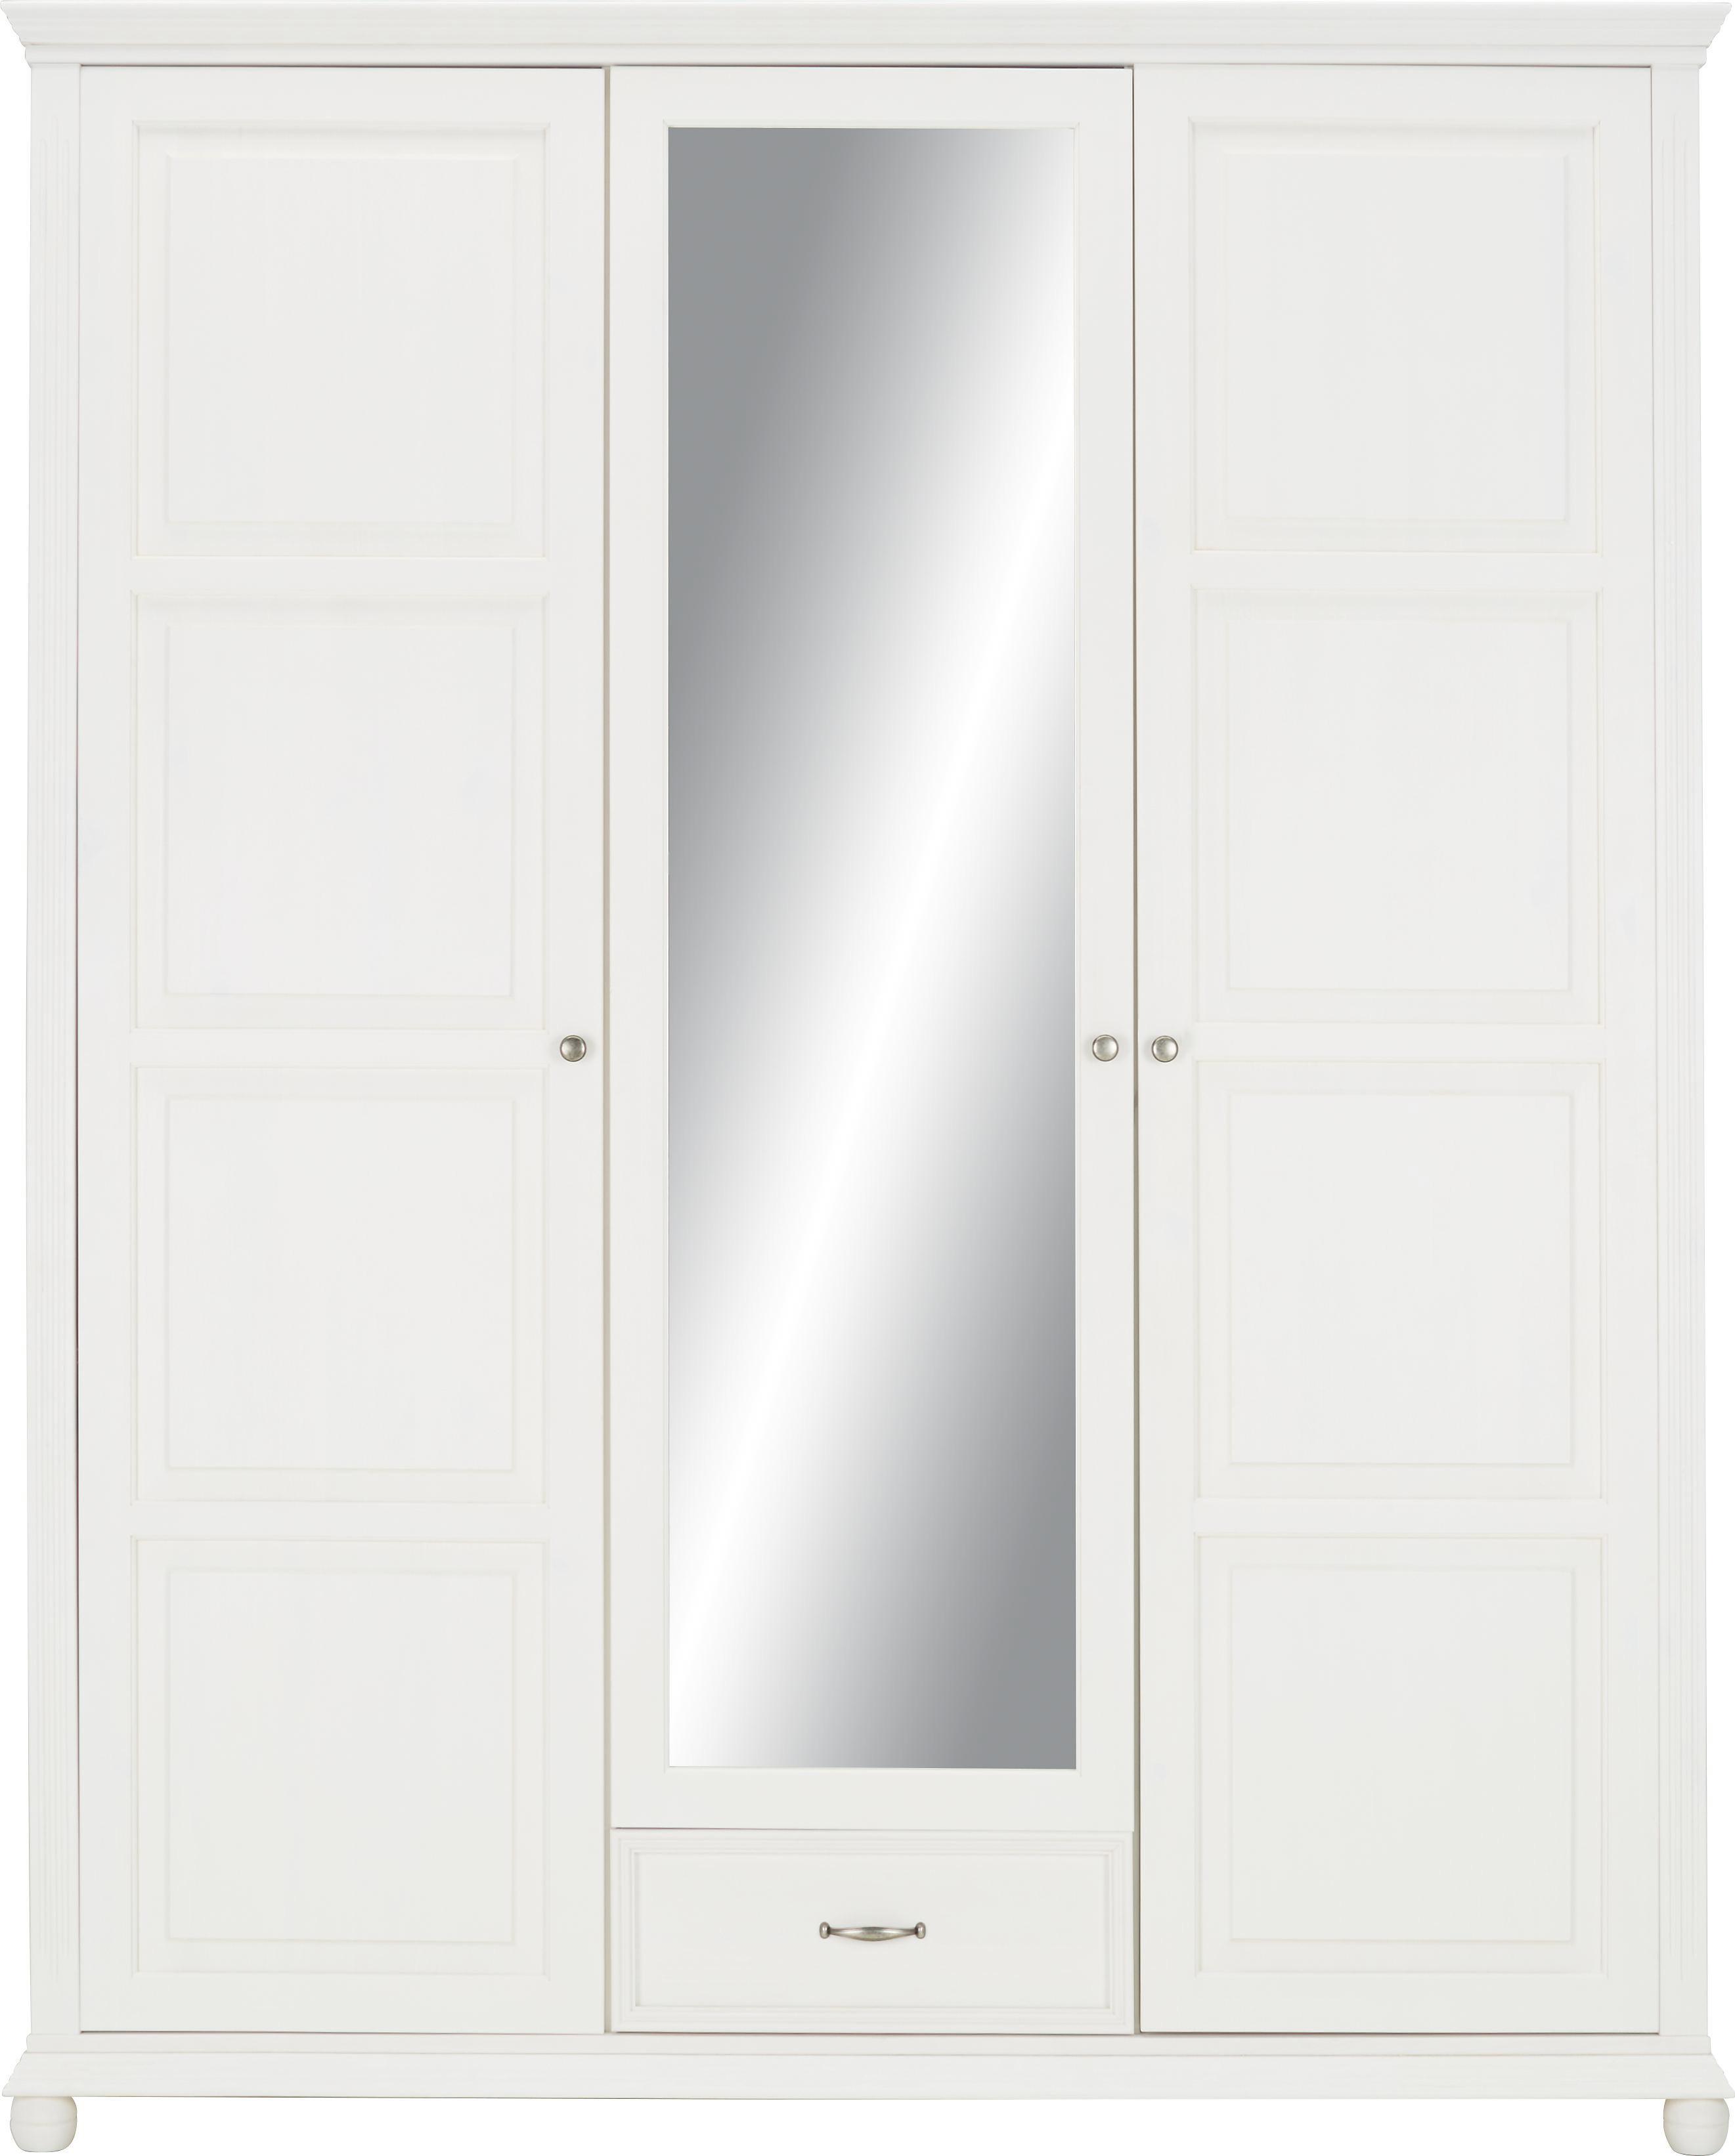 Drehtürenschrank in Weiß - Weiß, ROMANTIK / LANDHAUS, Holz/Metall (180/220/65cm) - ZANDIARA